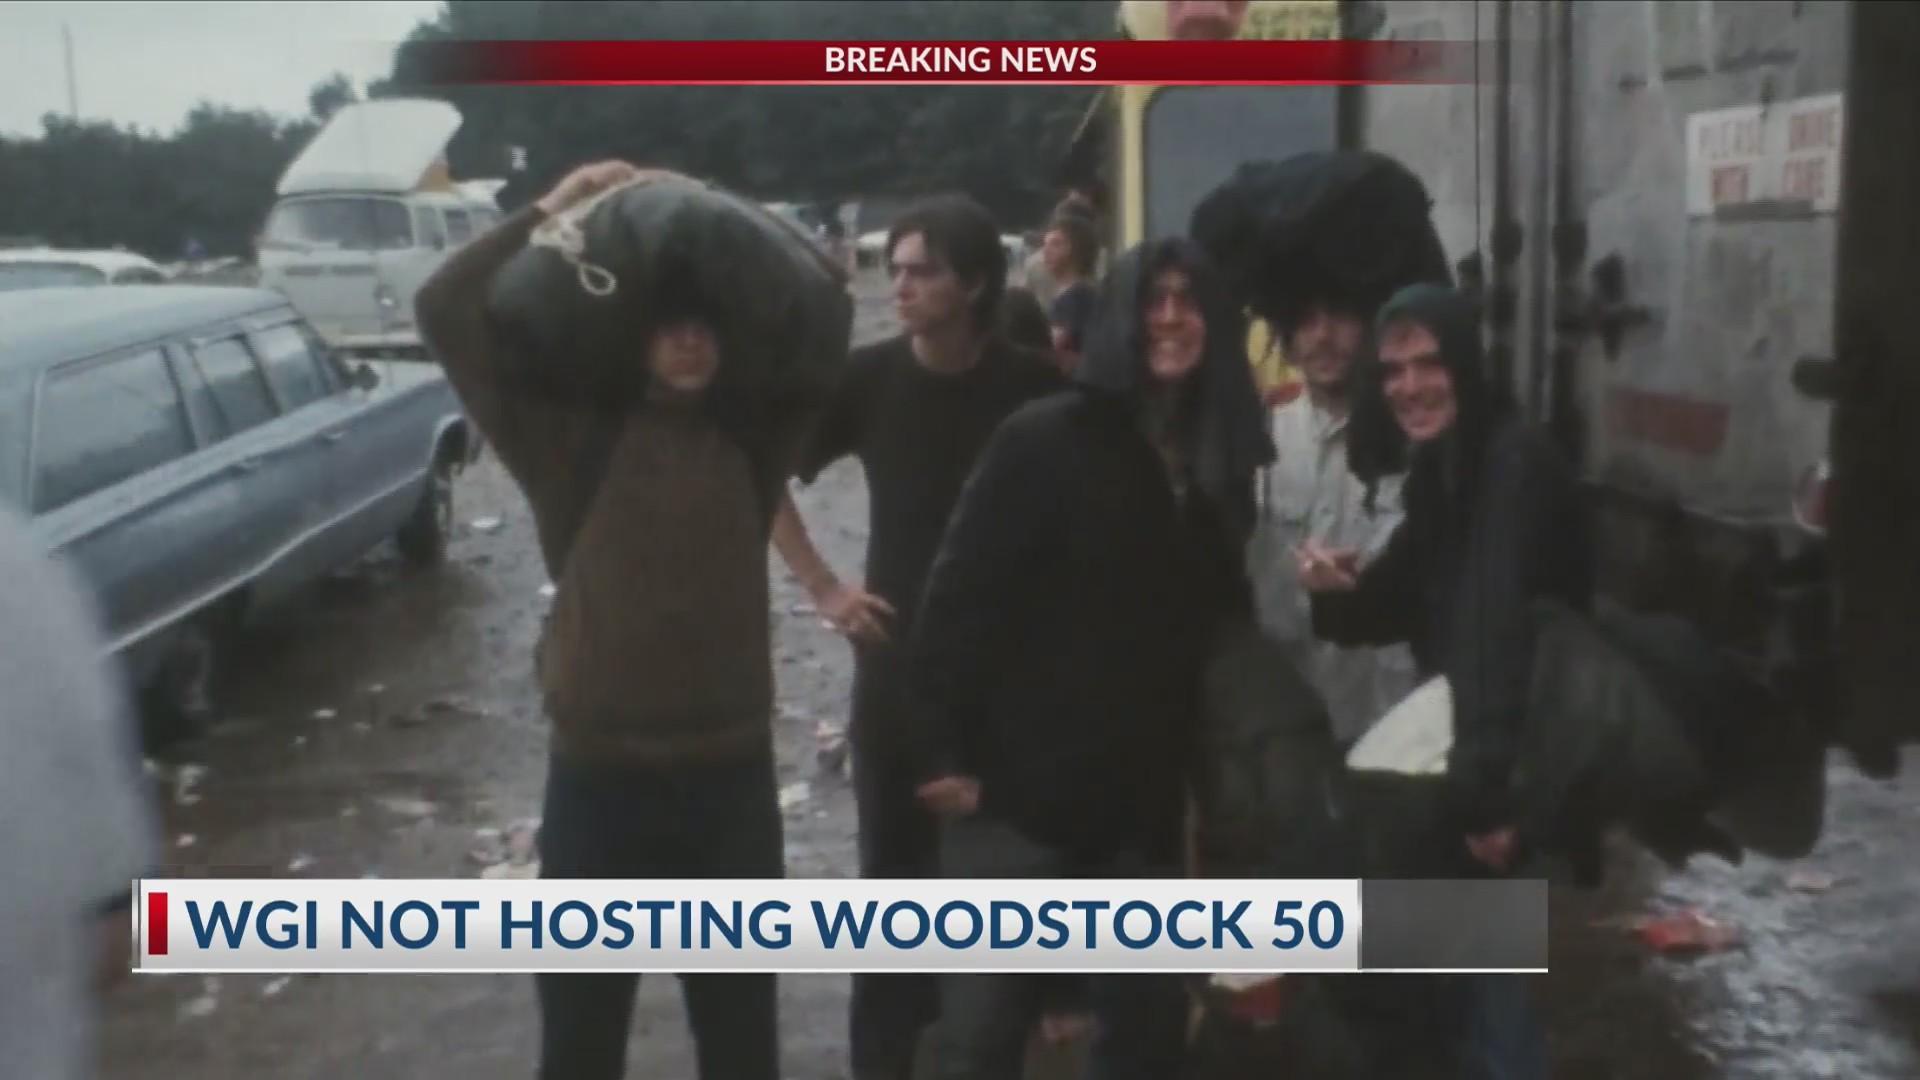 WGI not hosting Woodstock 50